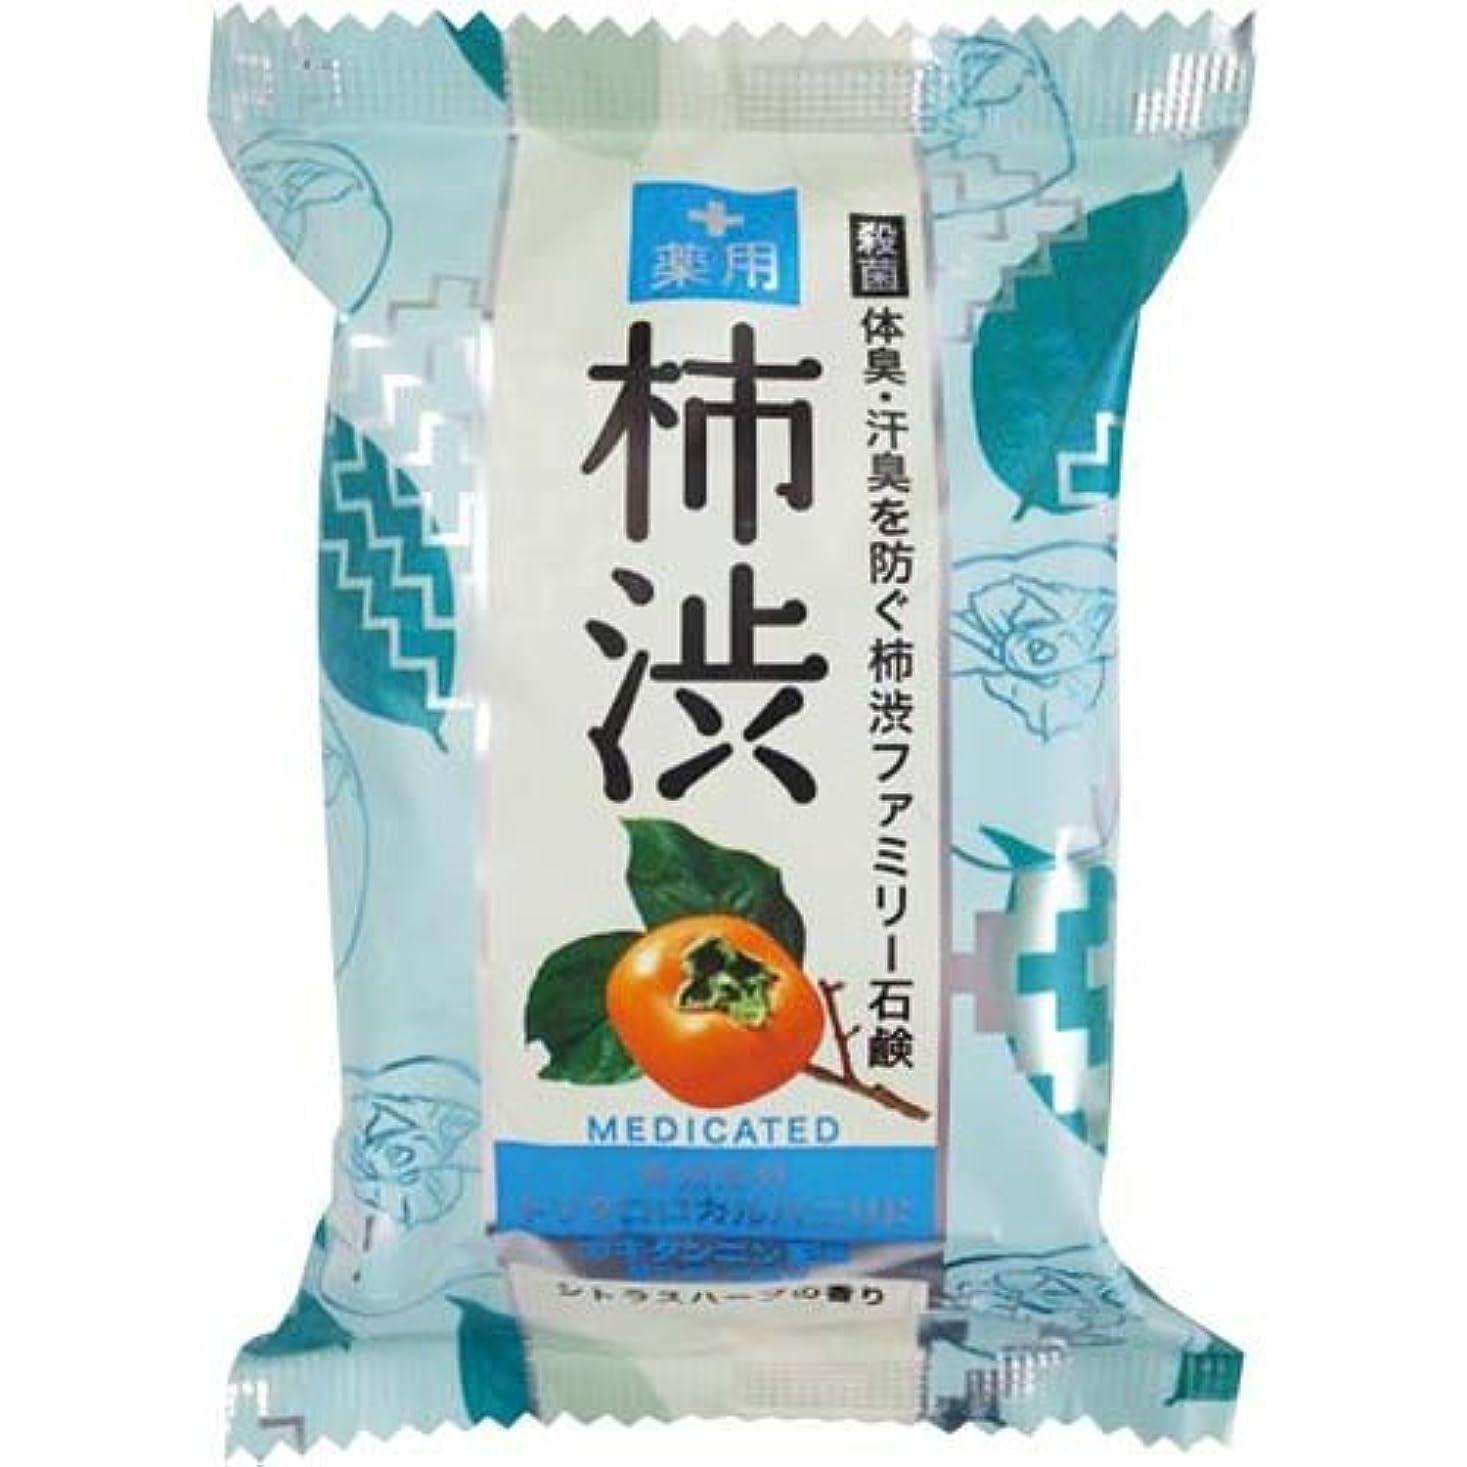 ペチコートスチュアート島結果としてペリカン石鹸 薬用ファミリー柿渋石鹸×6個×4箱